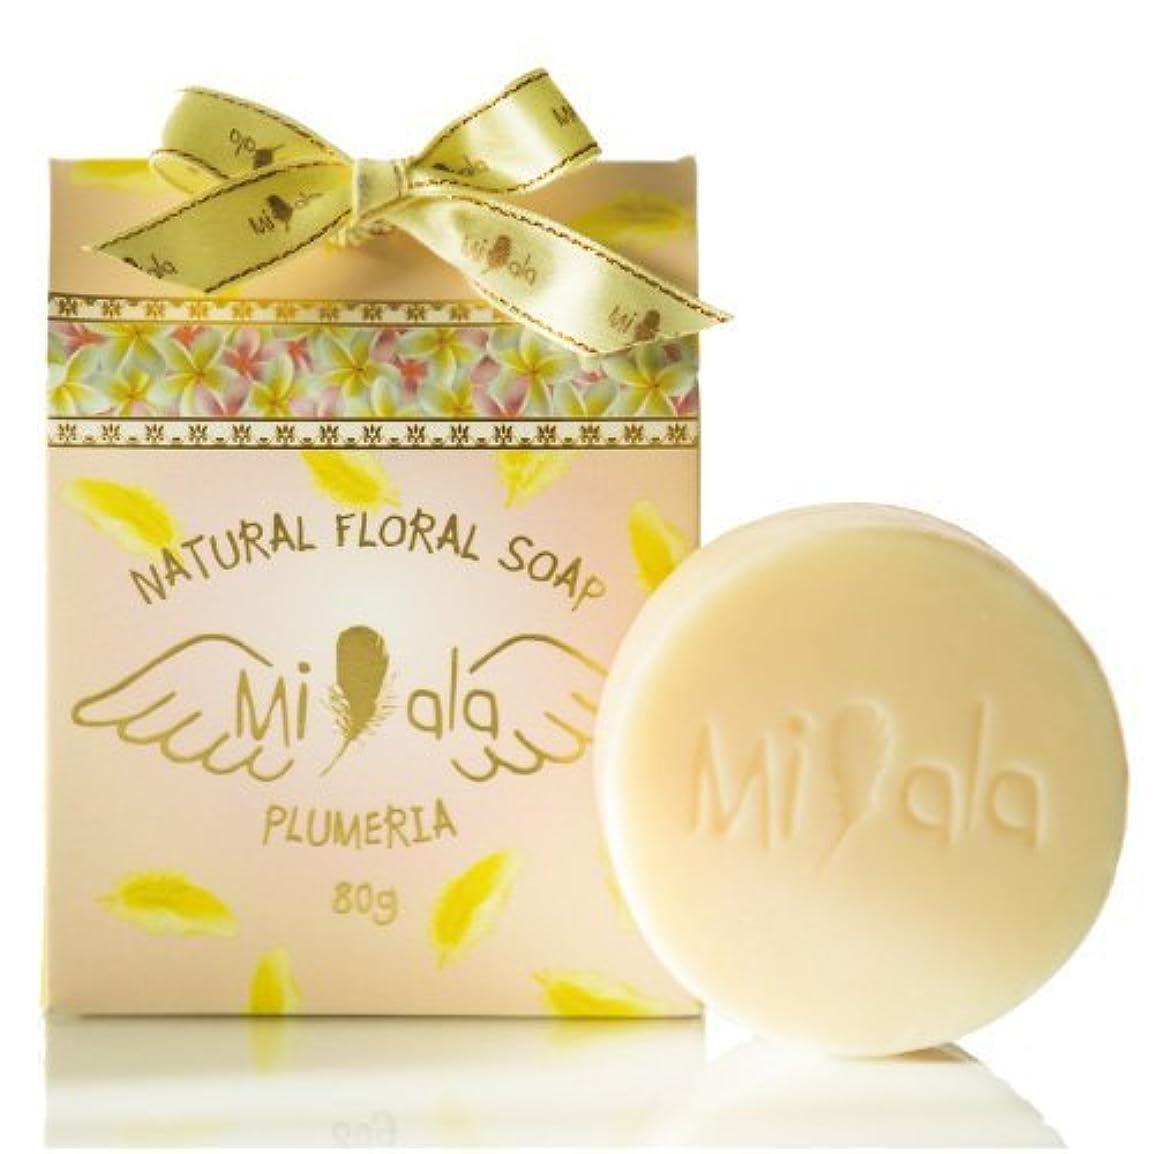 コンドーム取り付けハイランドミアラ フローラルソープ プルメリアの香り 80g